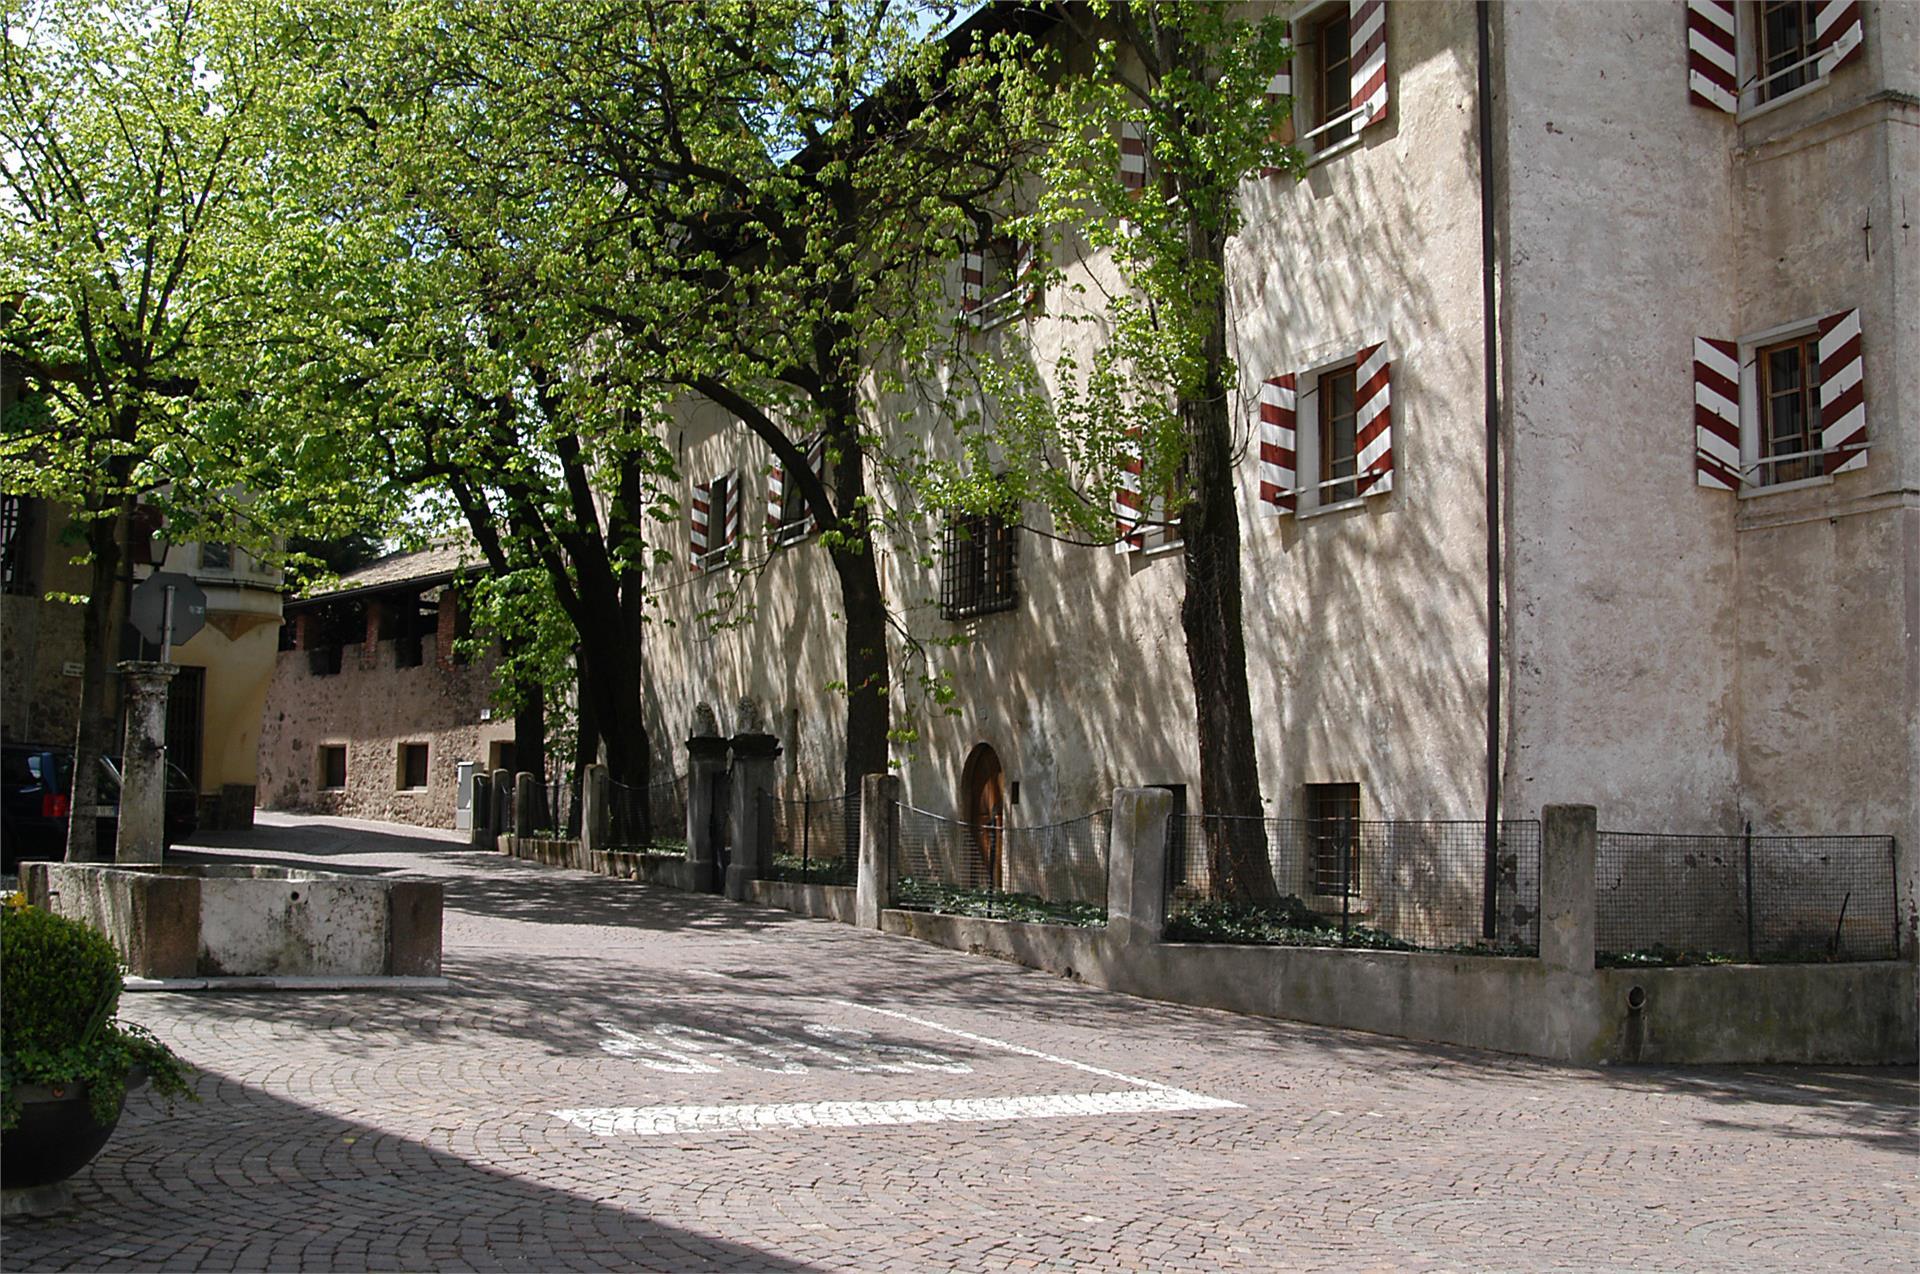 Gassenlabyrinth von Auer